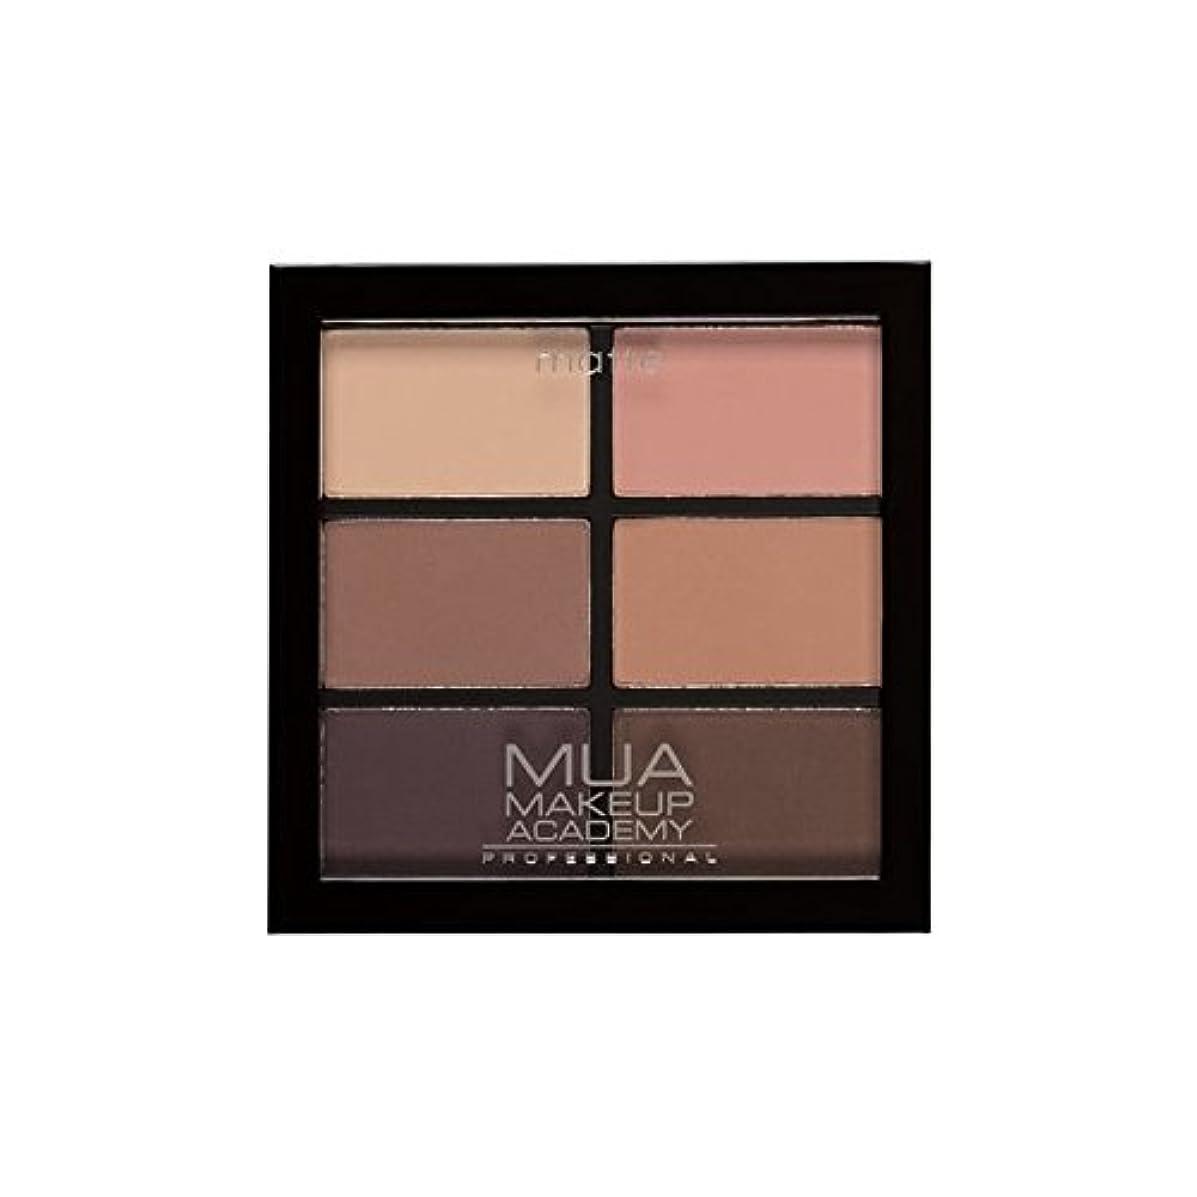 歌詞発掘する矢印プロ6日陰パレット柔らかいスエード x2 - MUA Professional 6 Shade Palette Soft Suedes (Pack of 2) [並行輸入品]